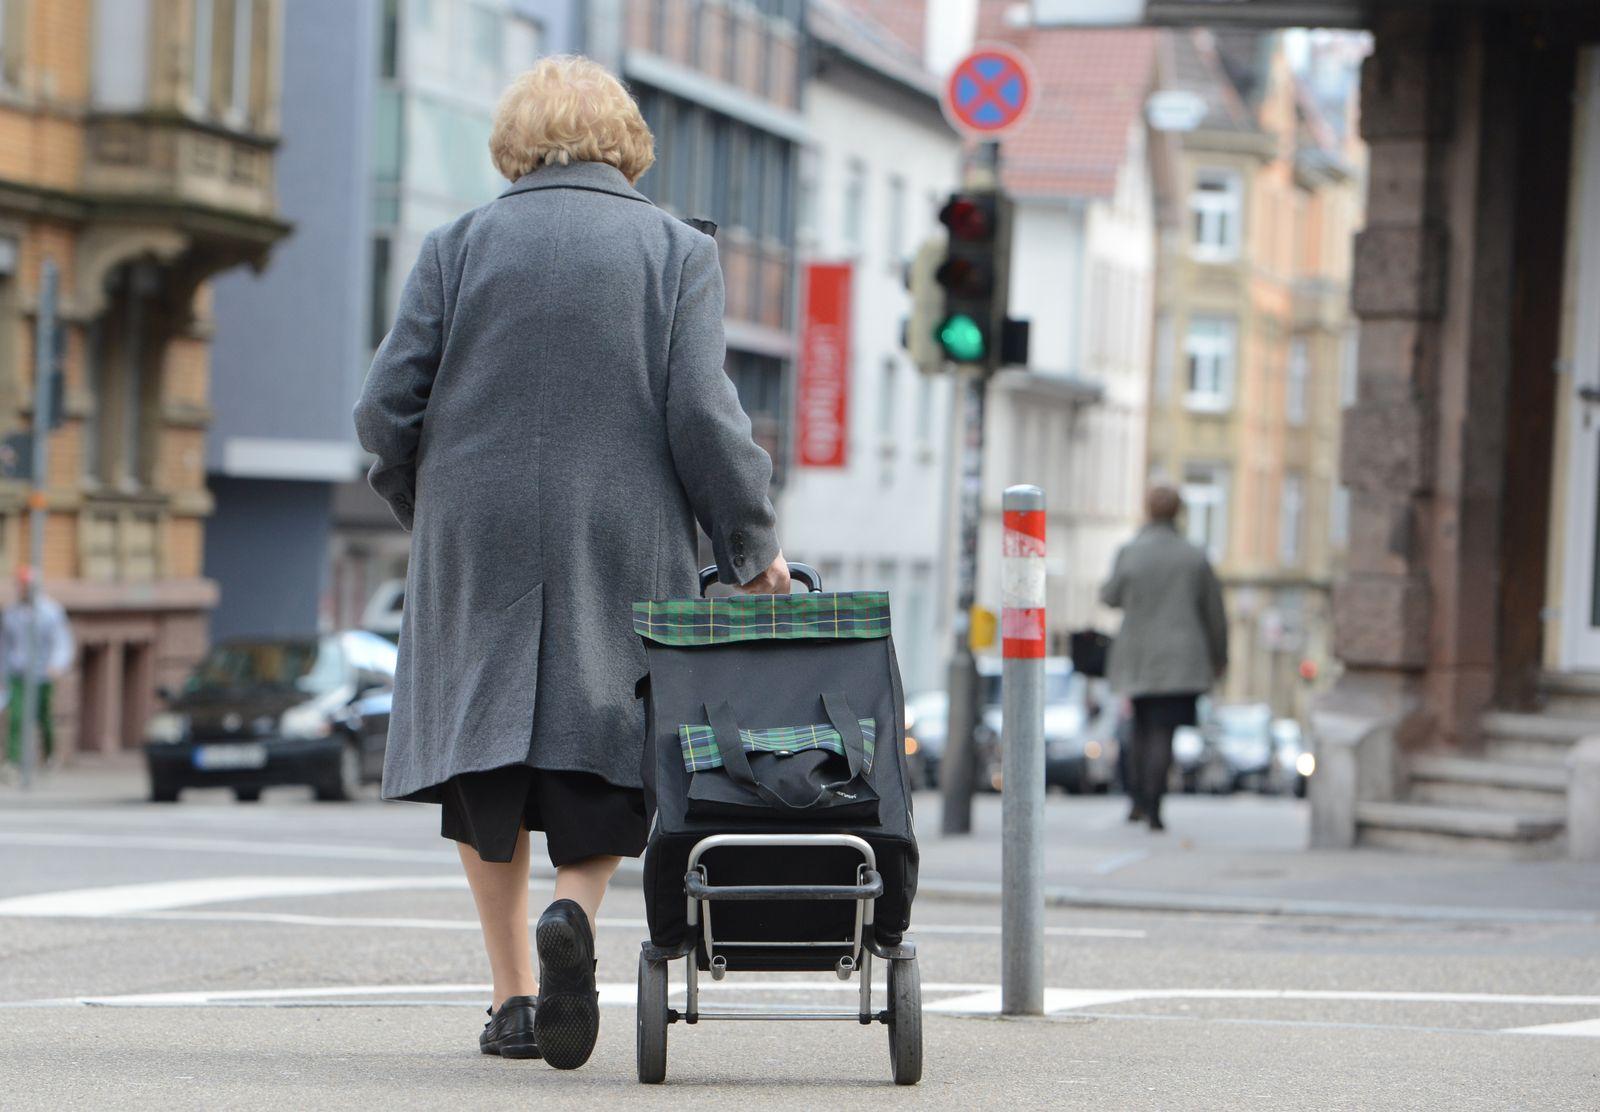 Ältere Frauen leben häufiger allein